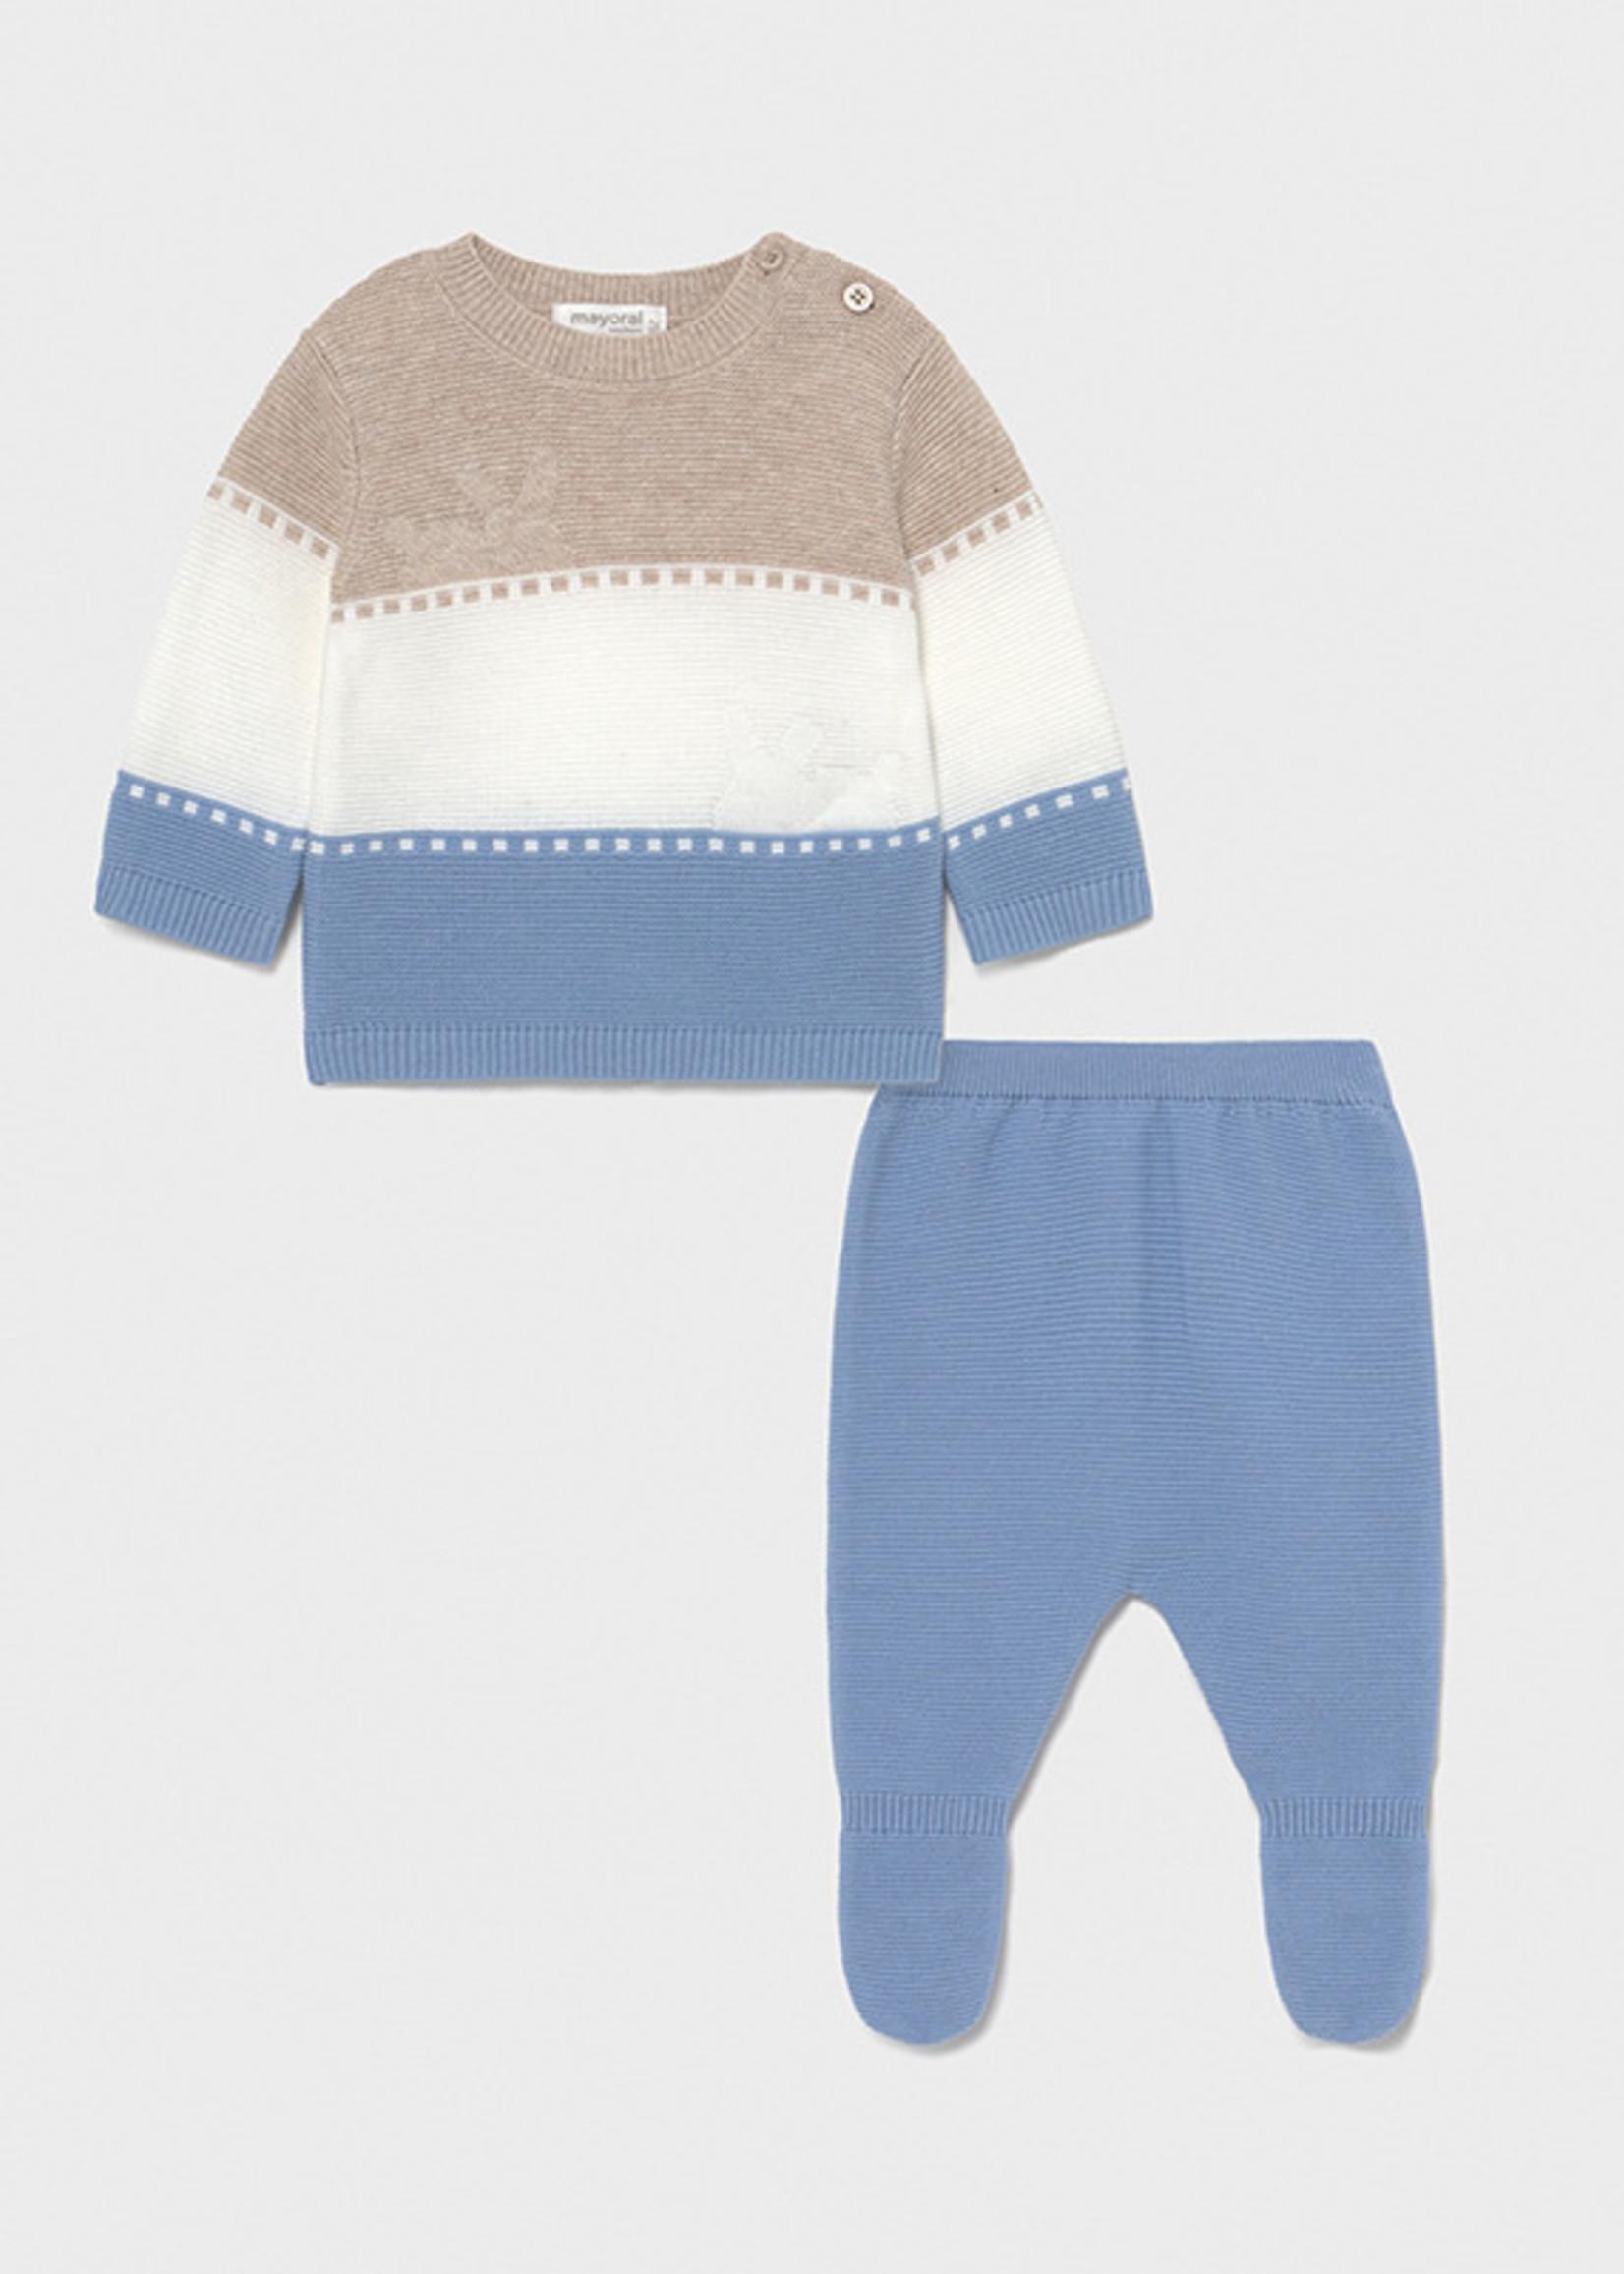 Mayoral Mayoral knit leg warmer set newborn boy